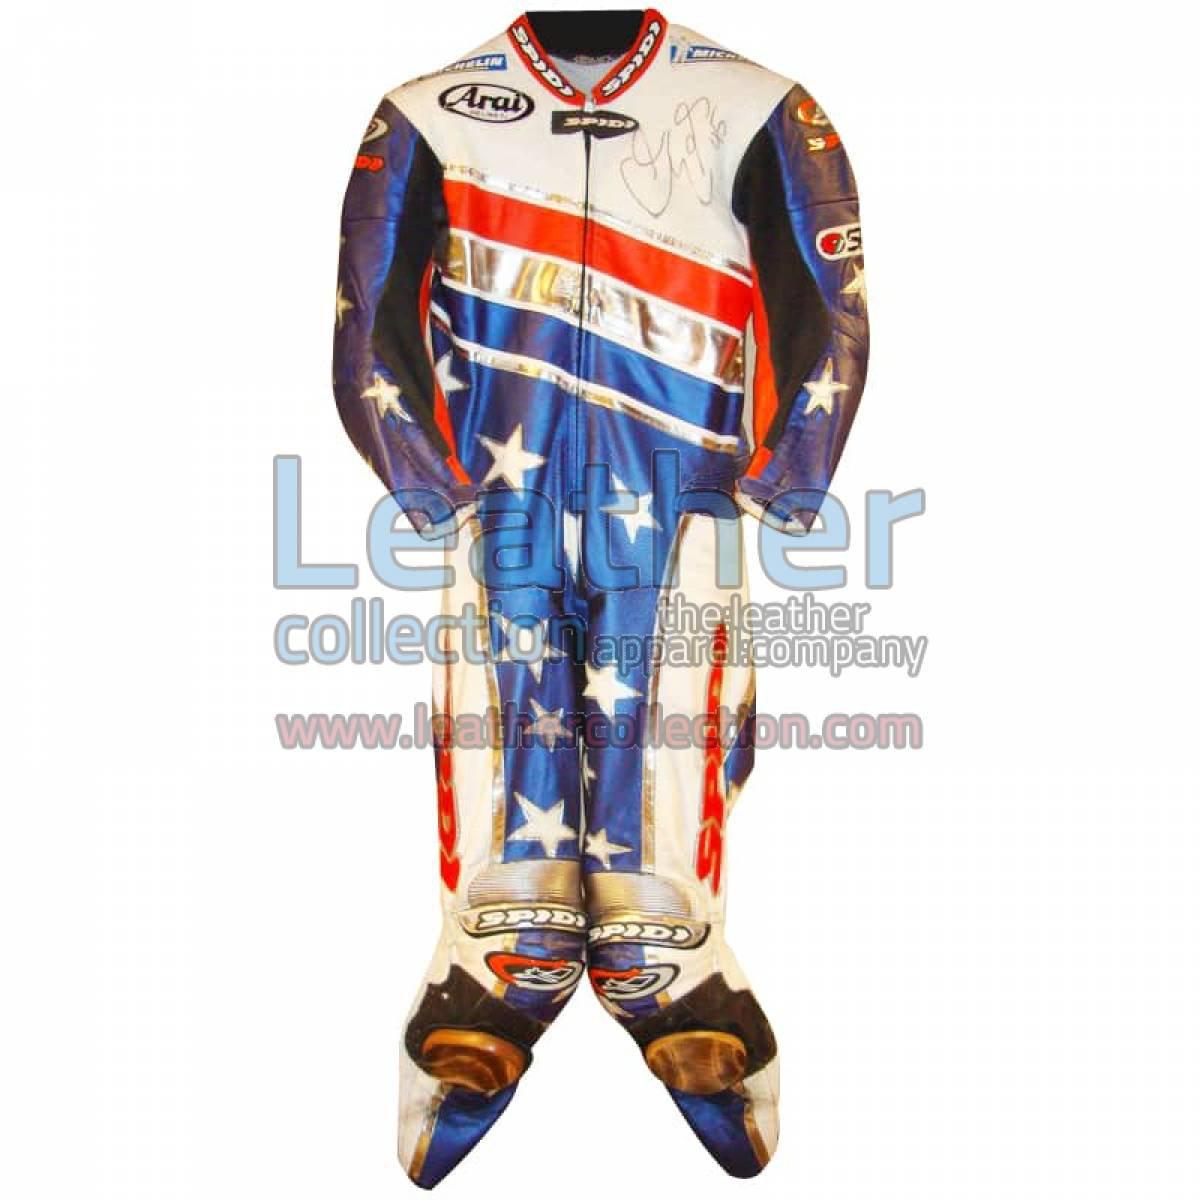 Colin Edwards Aprilia Leathers 2003 MotoGP Pre-season